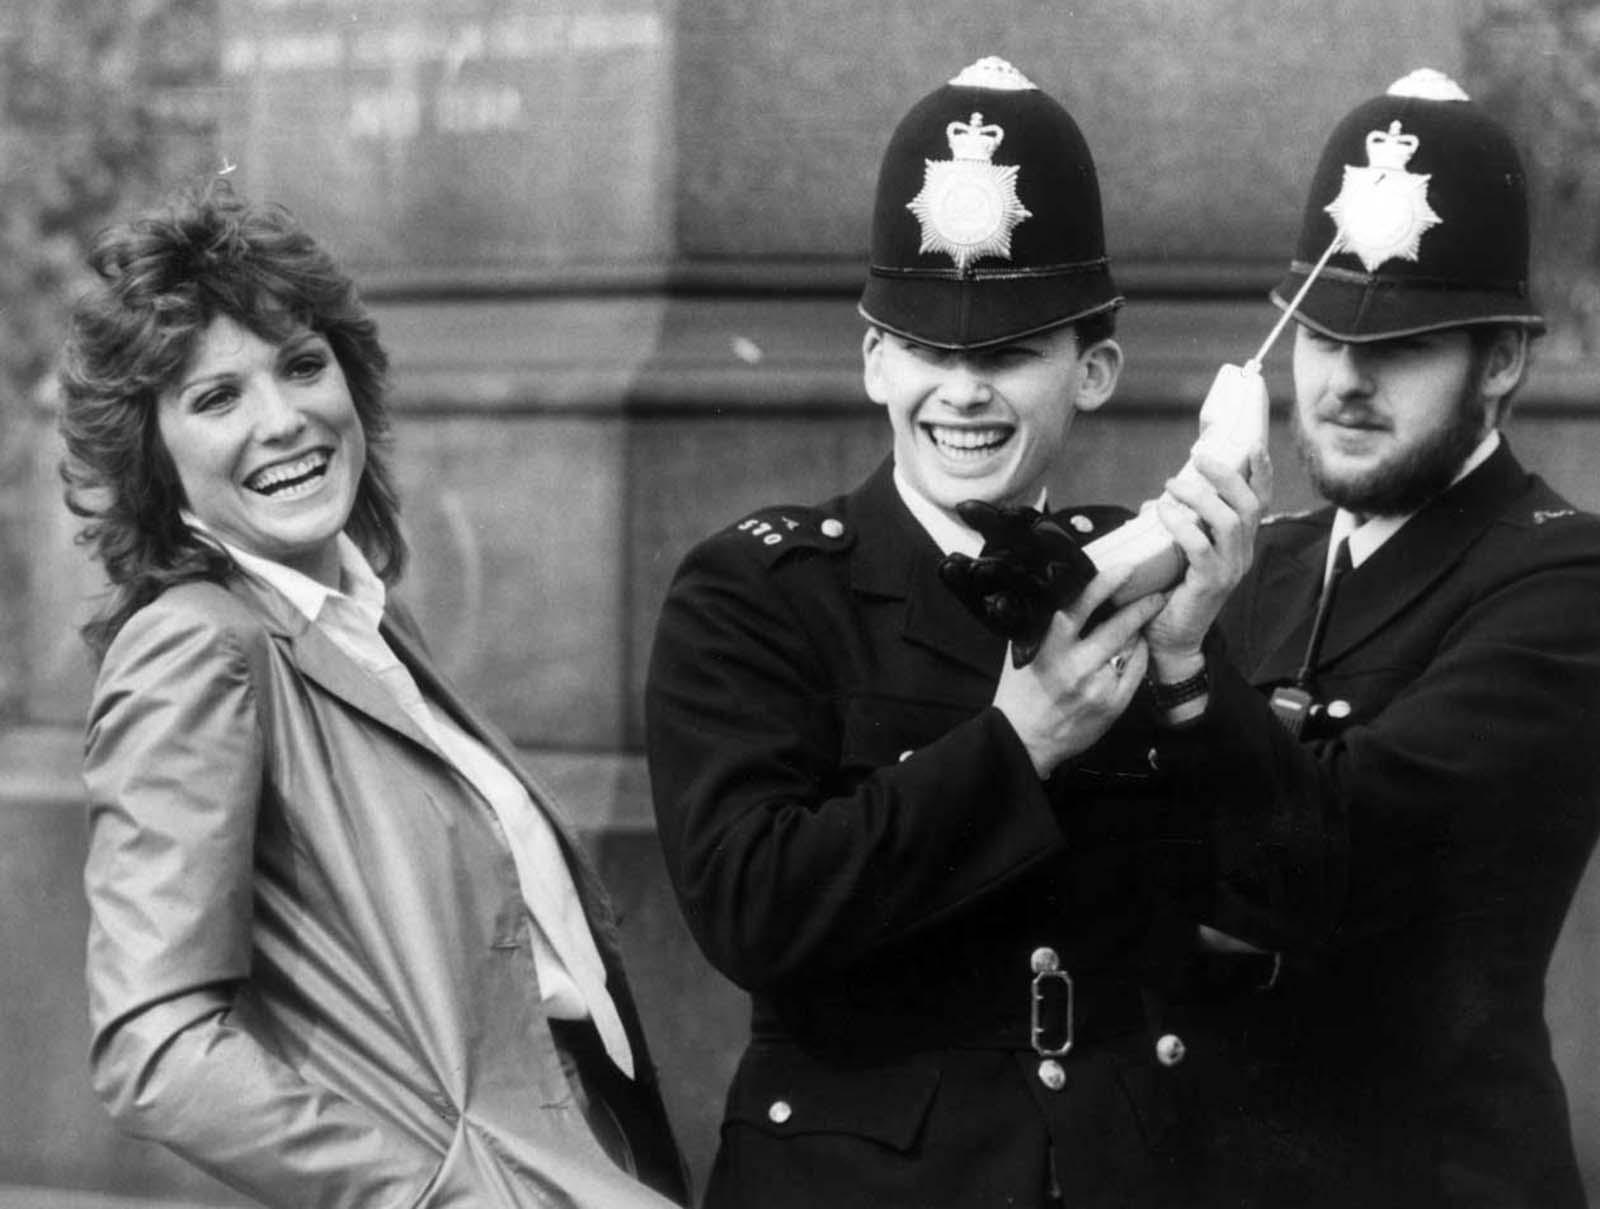 A atriz britânica Suzanne Danielle compartilhando uma piada com dois policiais enquanto examinam um dos celulares recém-legais no Reino Unido. 1983.